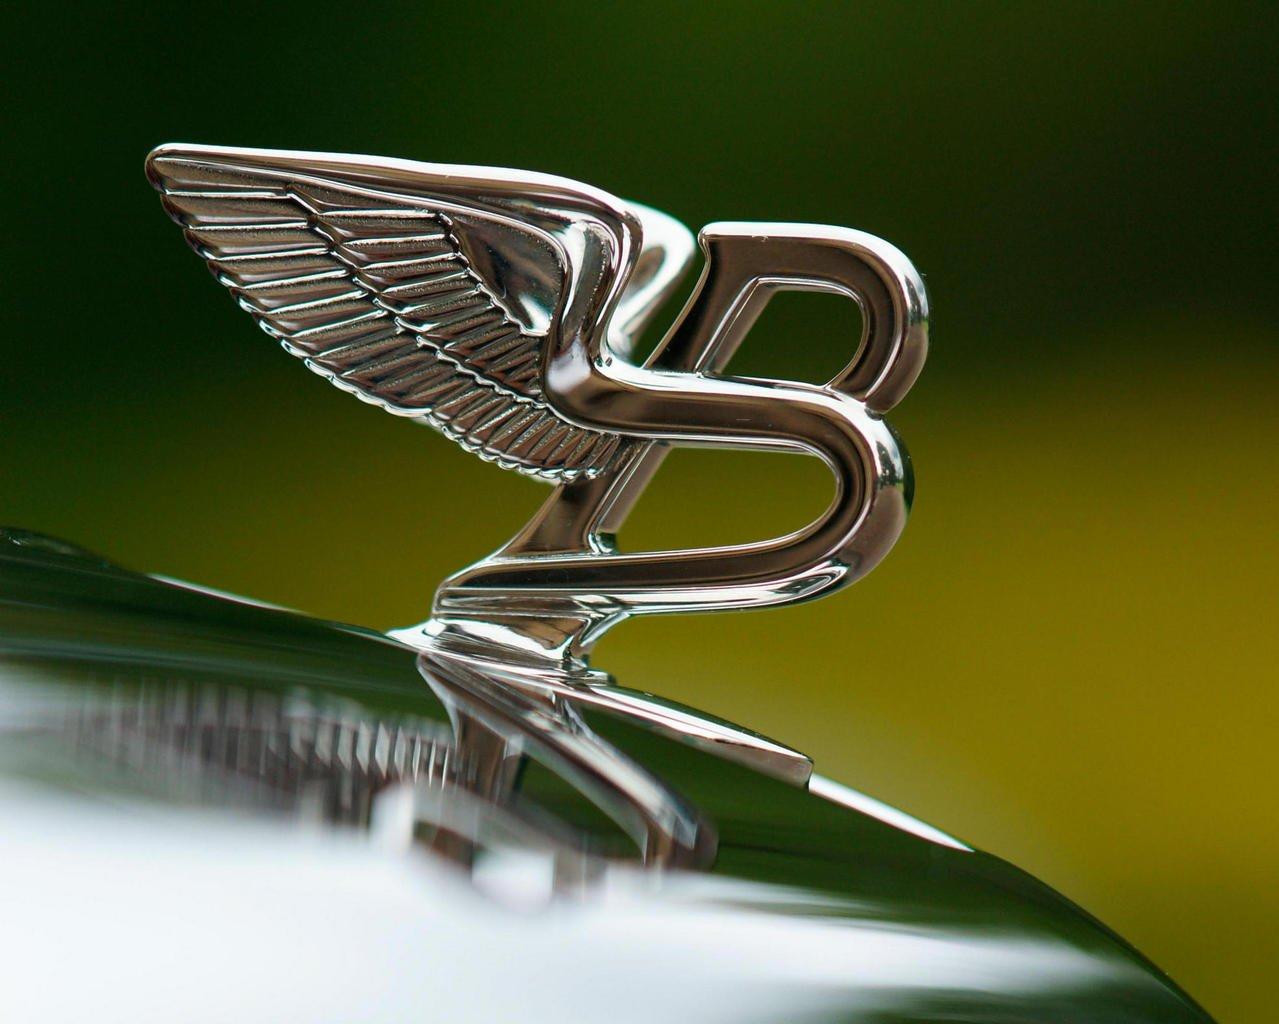 Bentley построит новую модель изчетырехдверного электрокара Porsche